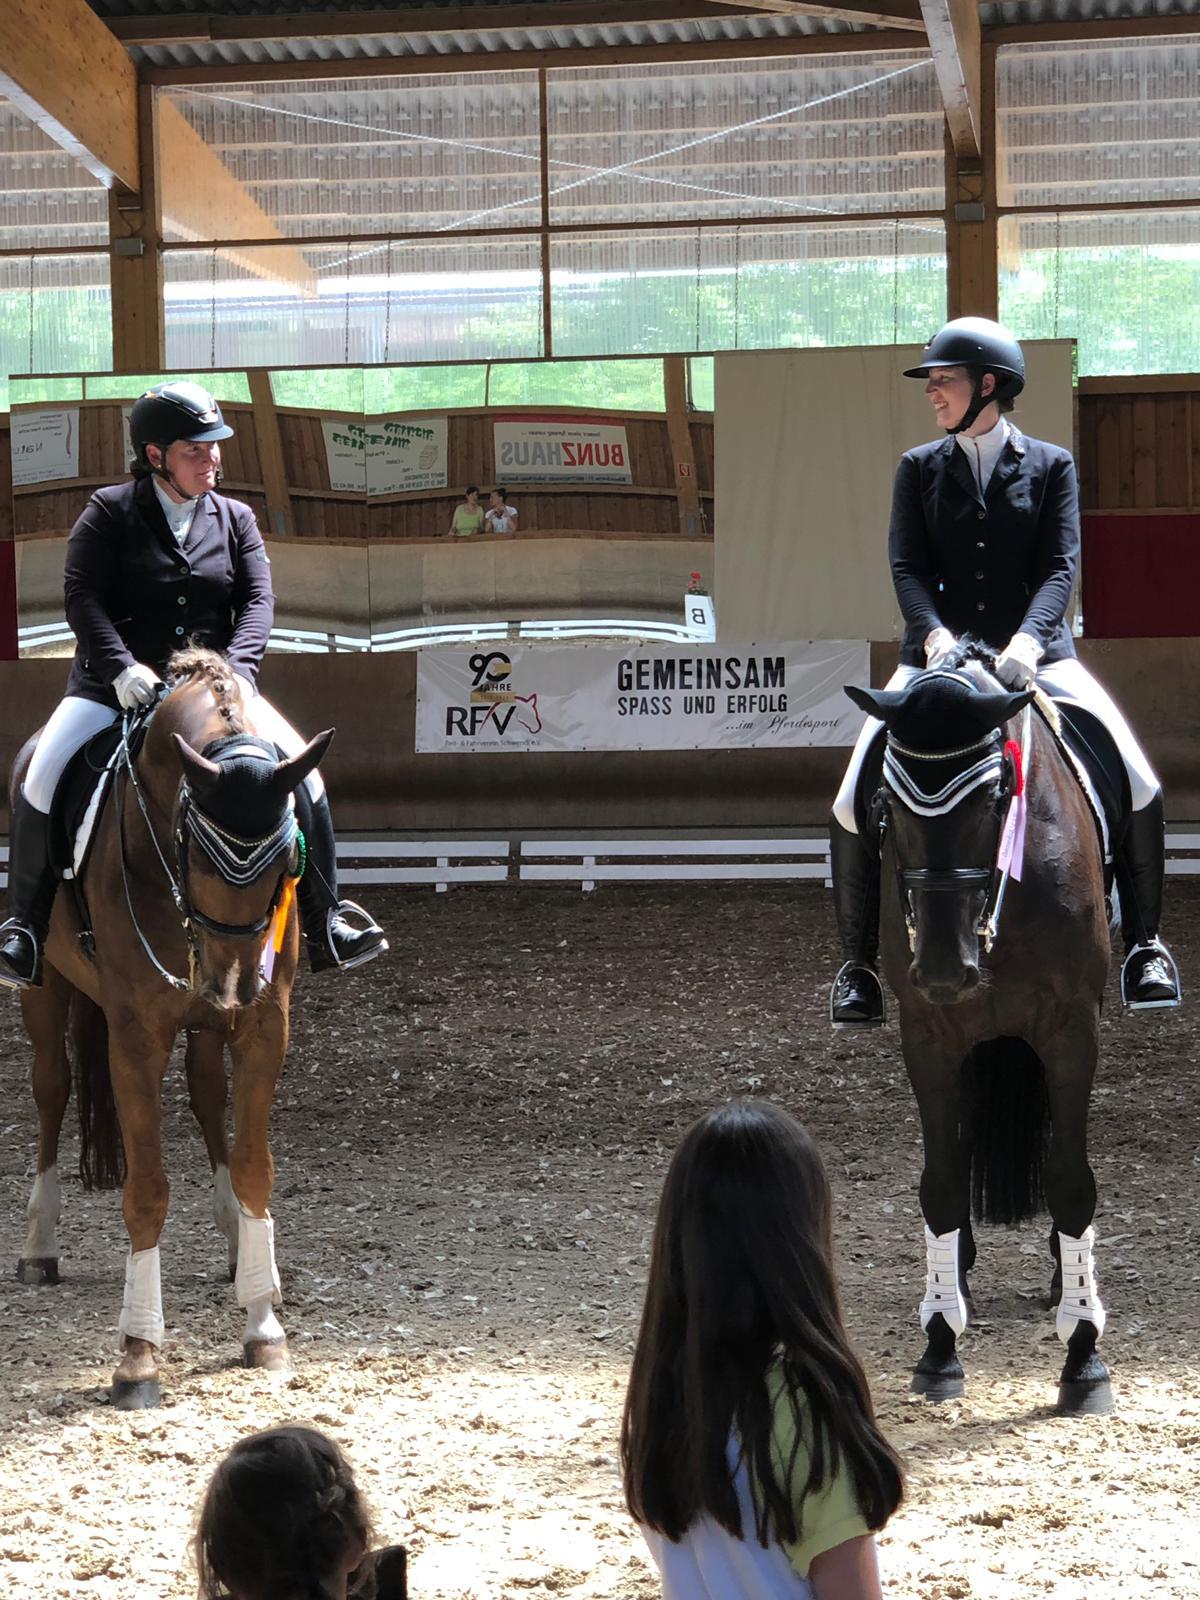 M**-Dressur: Doppelsieg - 1. Platz für Nici und Sierra, 2. Platz für Nici und Franzel und Schülerin Sabrina mit PBM Lovely Lady (Foto: privat)